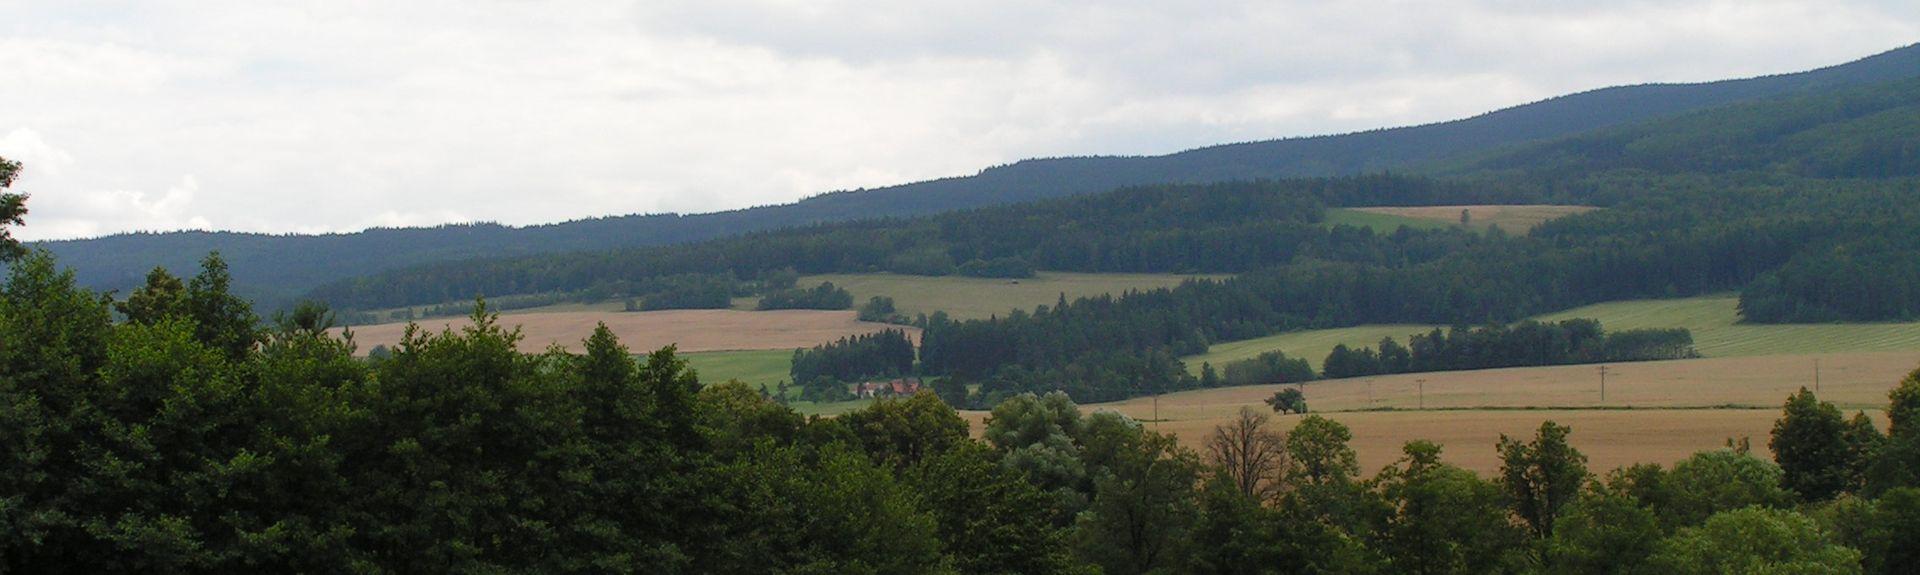 CESKE BUDEJOVICE (Gare), Ceské Budejovice, Bohême-du-Sud, Tchèque